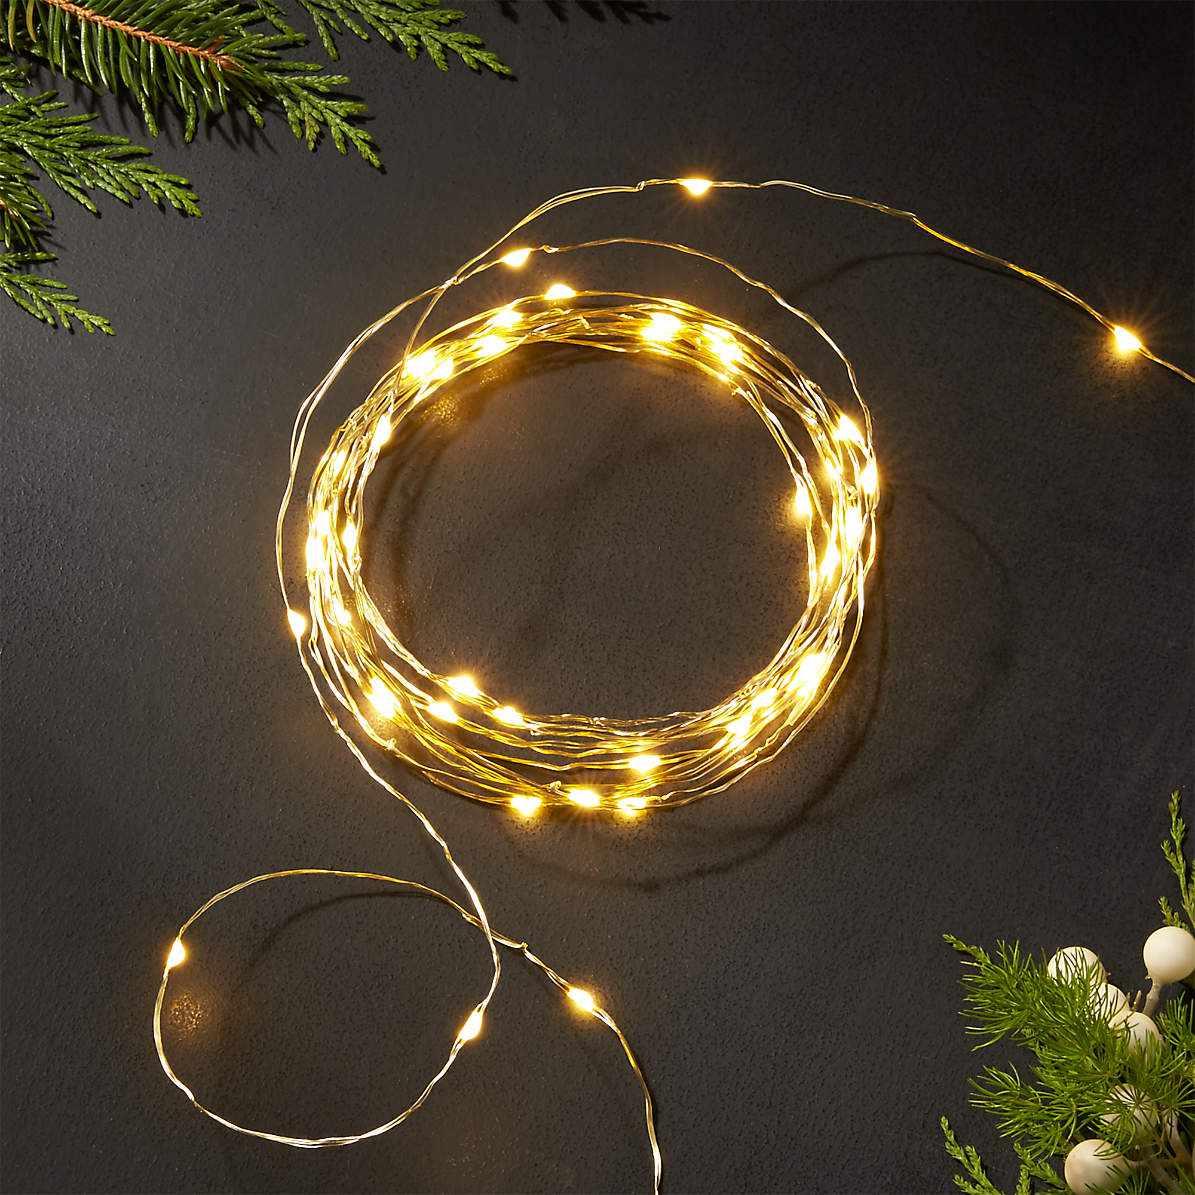 Crate & Barrel Twinkle Gold String Lights